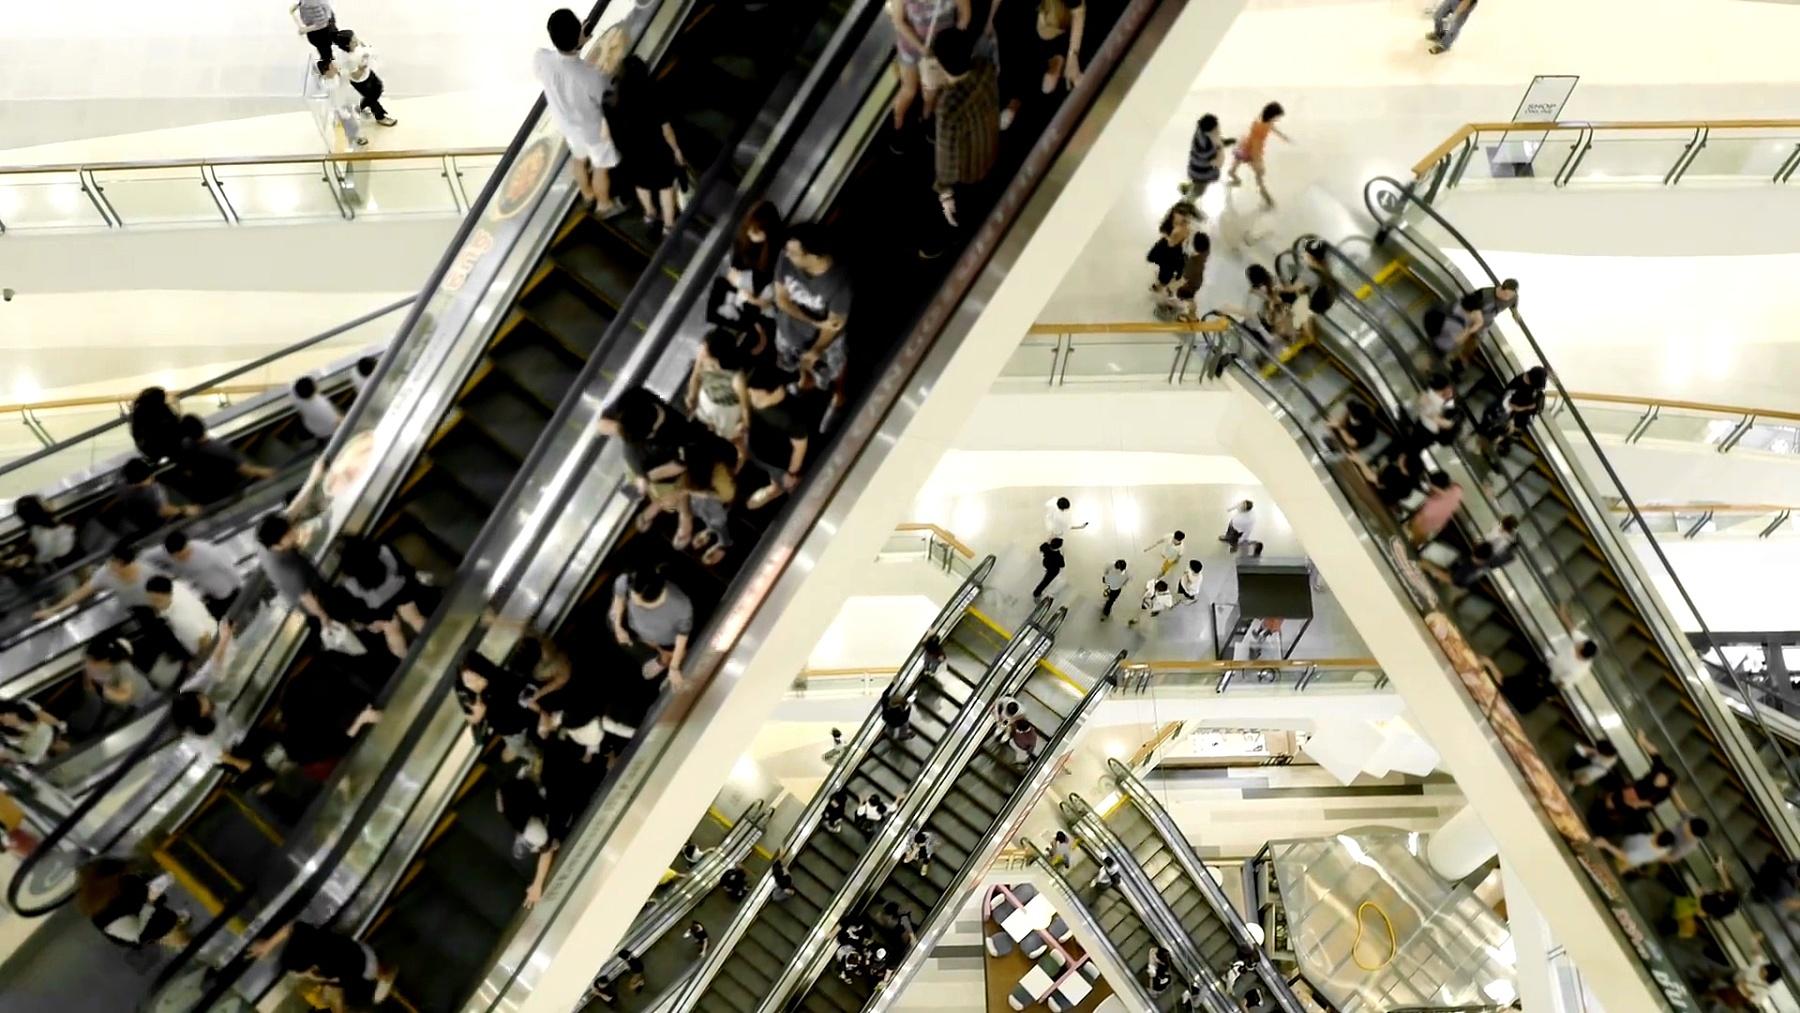 人们在购物中心的自动扶梯上移动